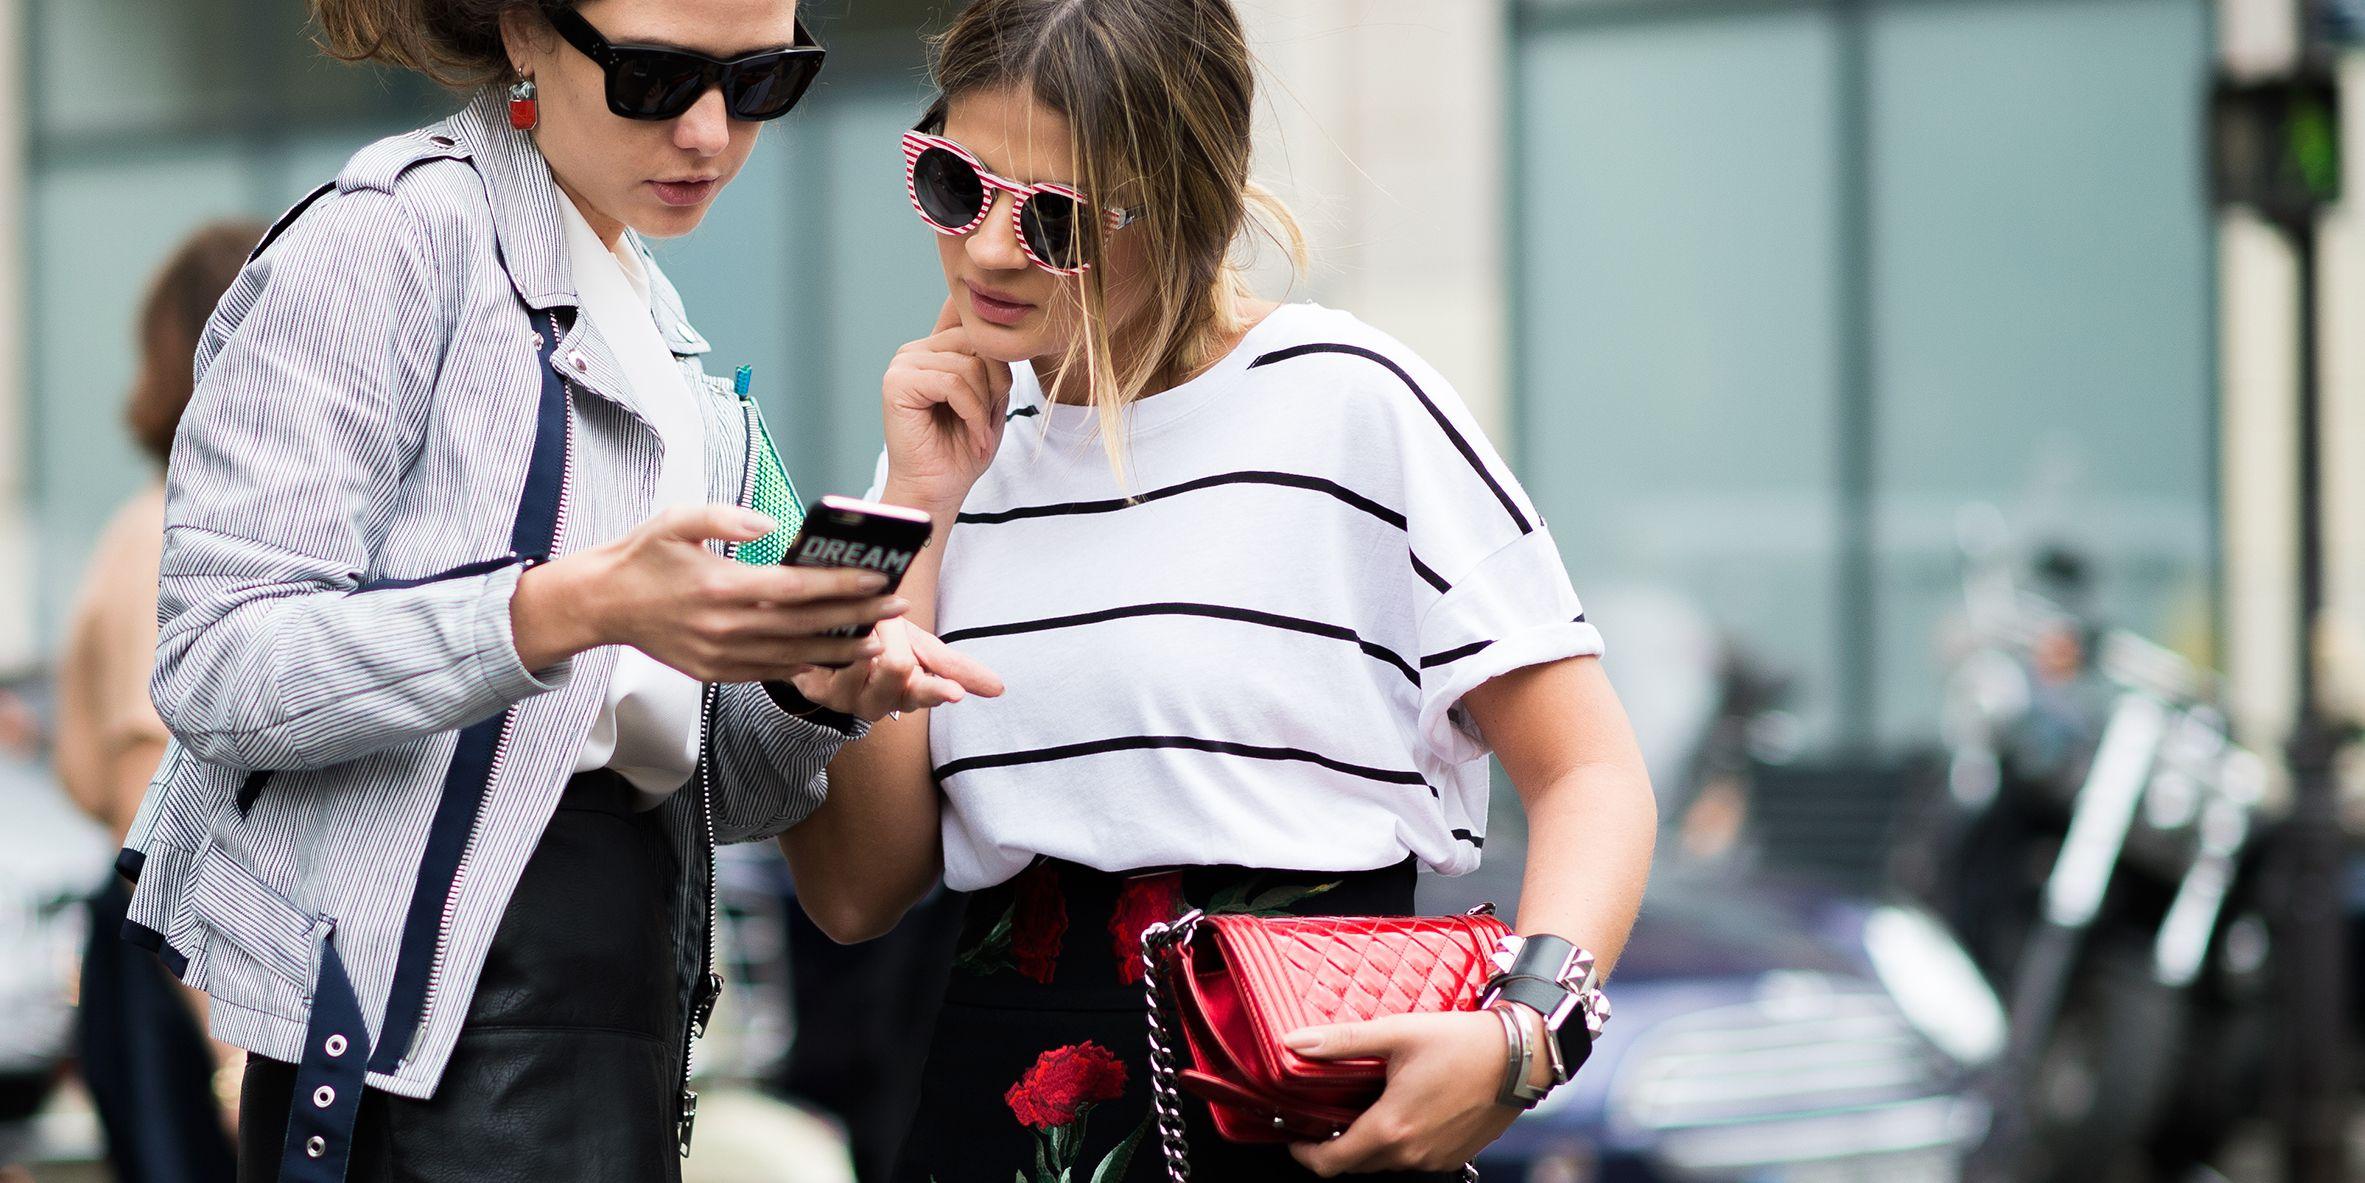 Obsessive Behaviors Online - 5 Reasons We Stalk People Online